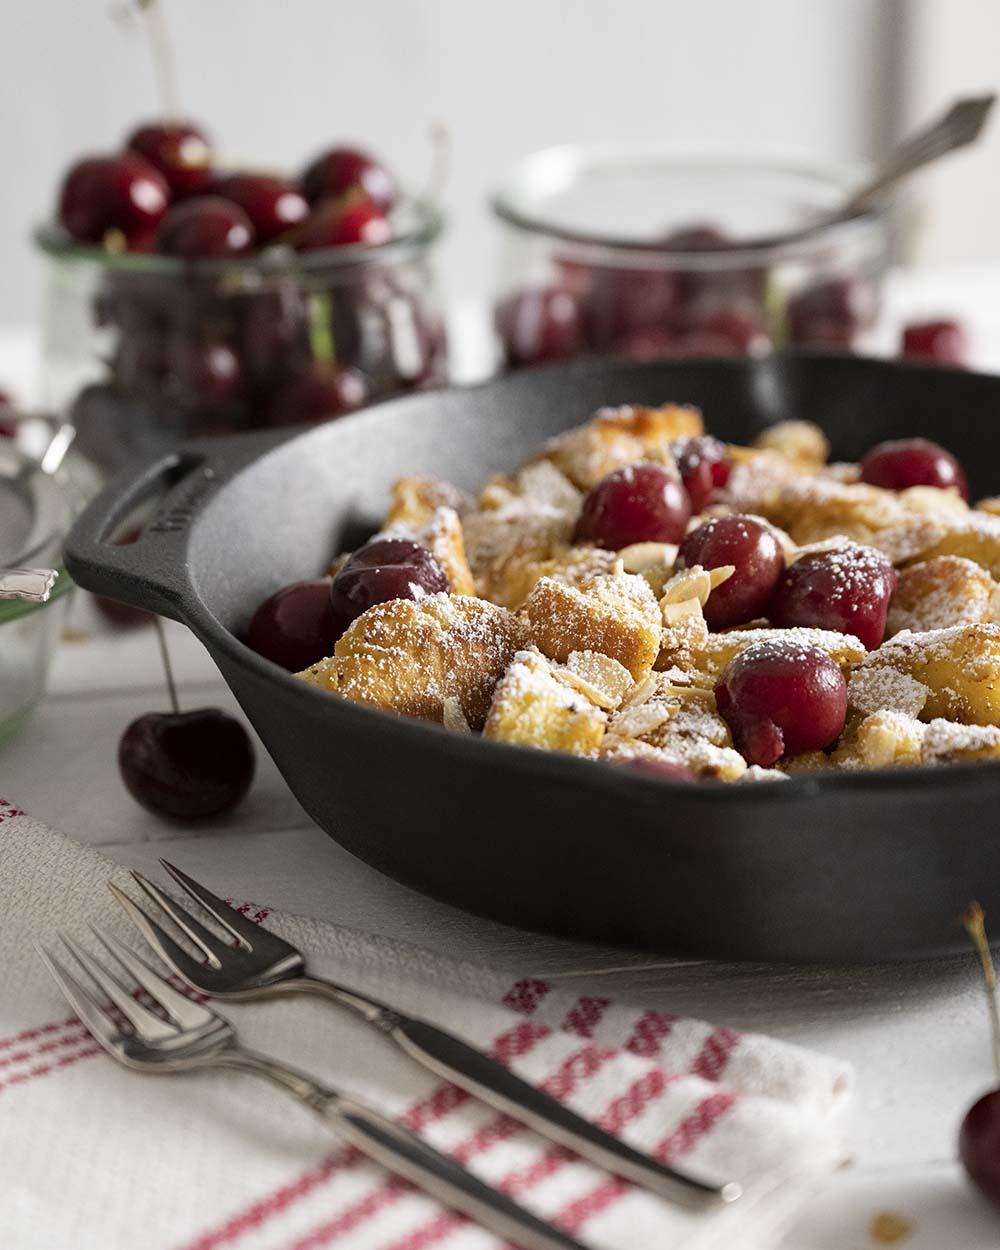 Eine Pfanne mit fertig gebackenem Kaiserschmarrn steht auf dem Tisch. Wir haben das Gericht angerichtet, mit warmen Kirschen, Puderzucker und angerösteten Mandelblättchen.